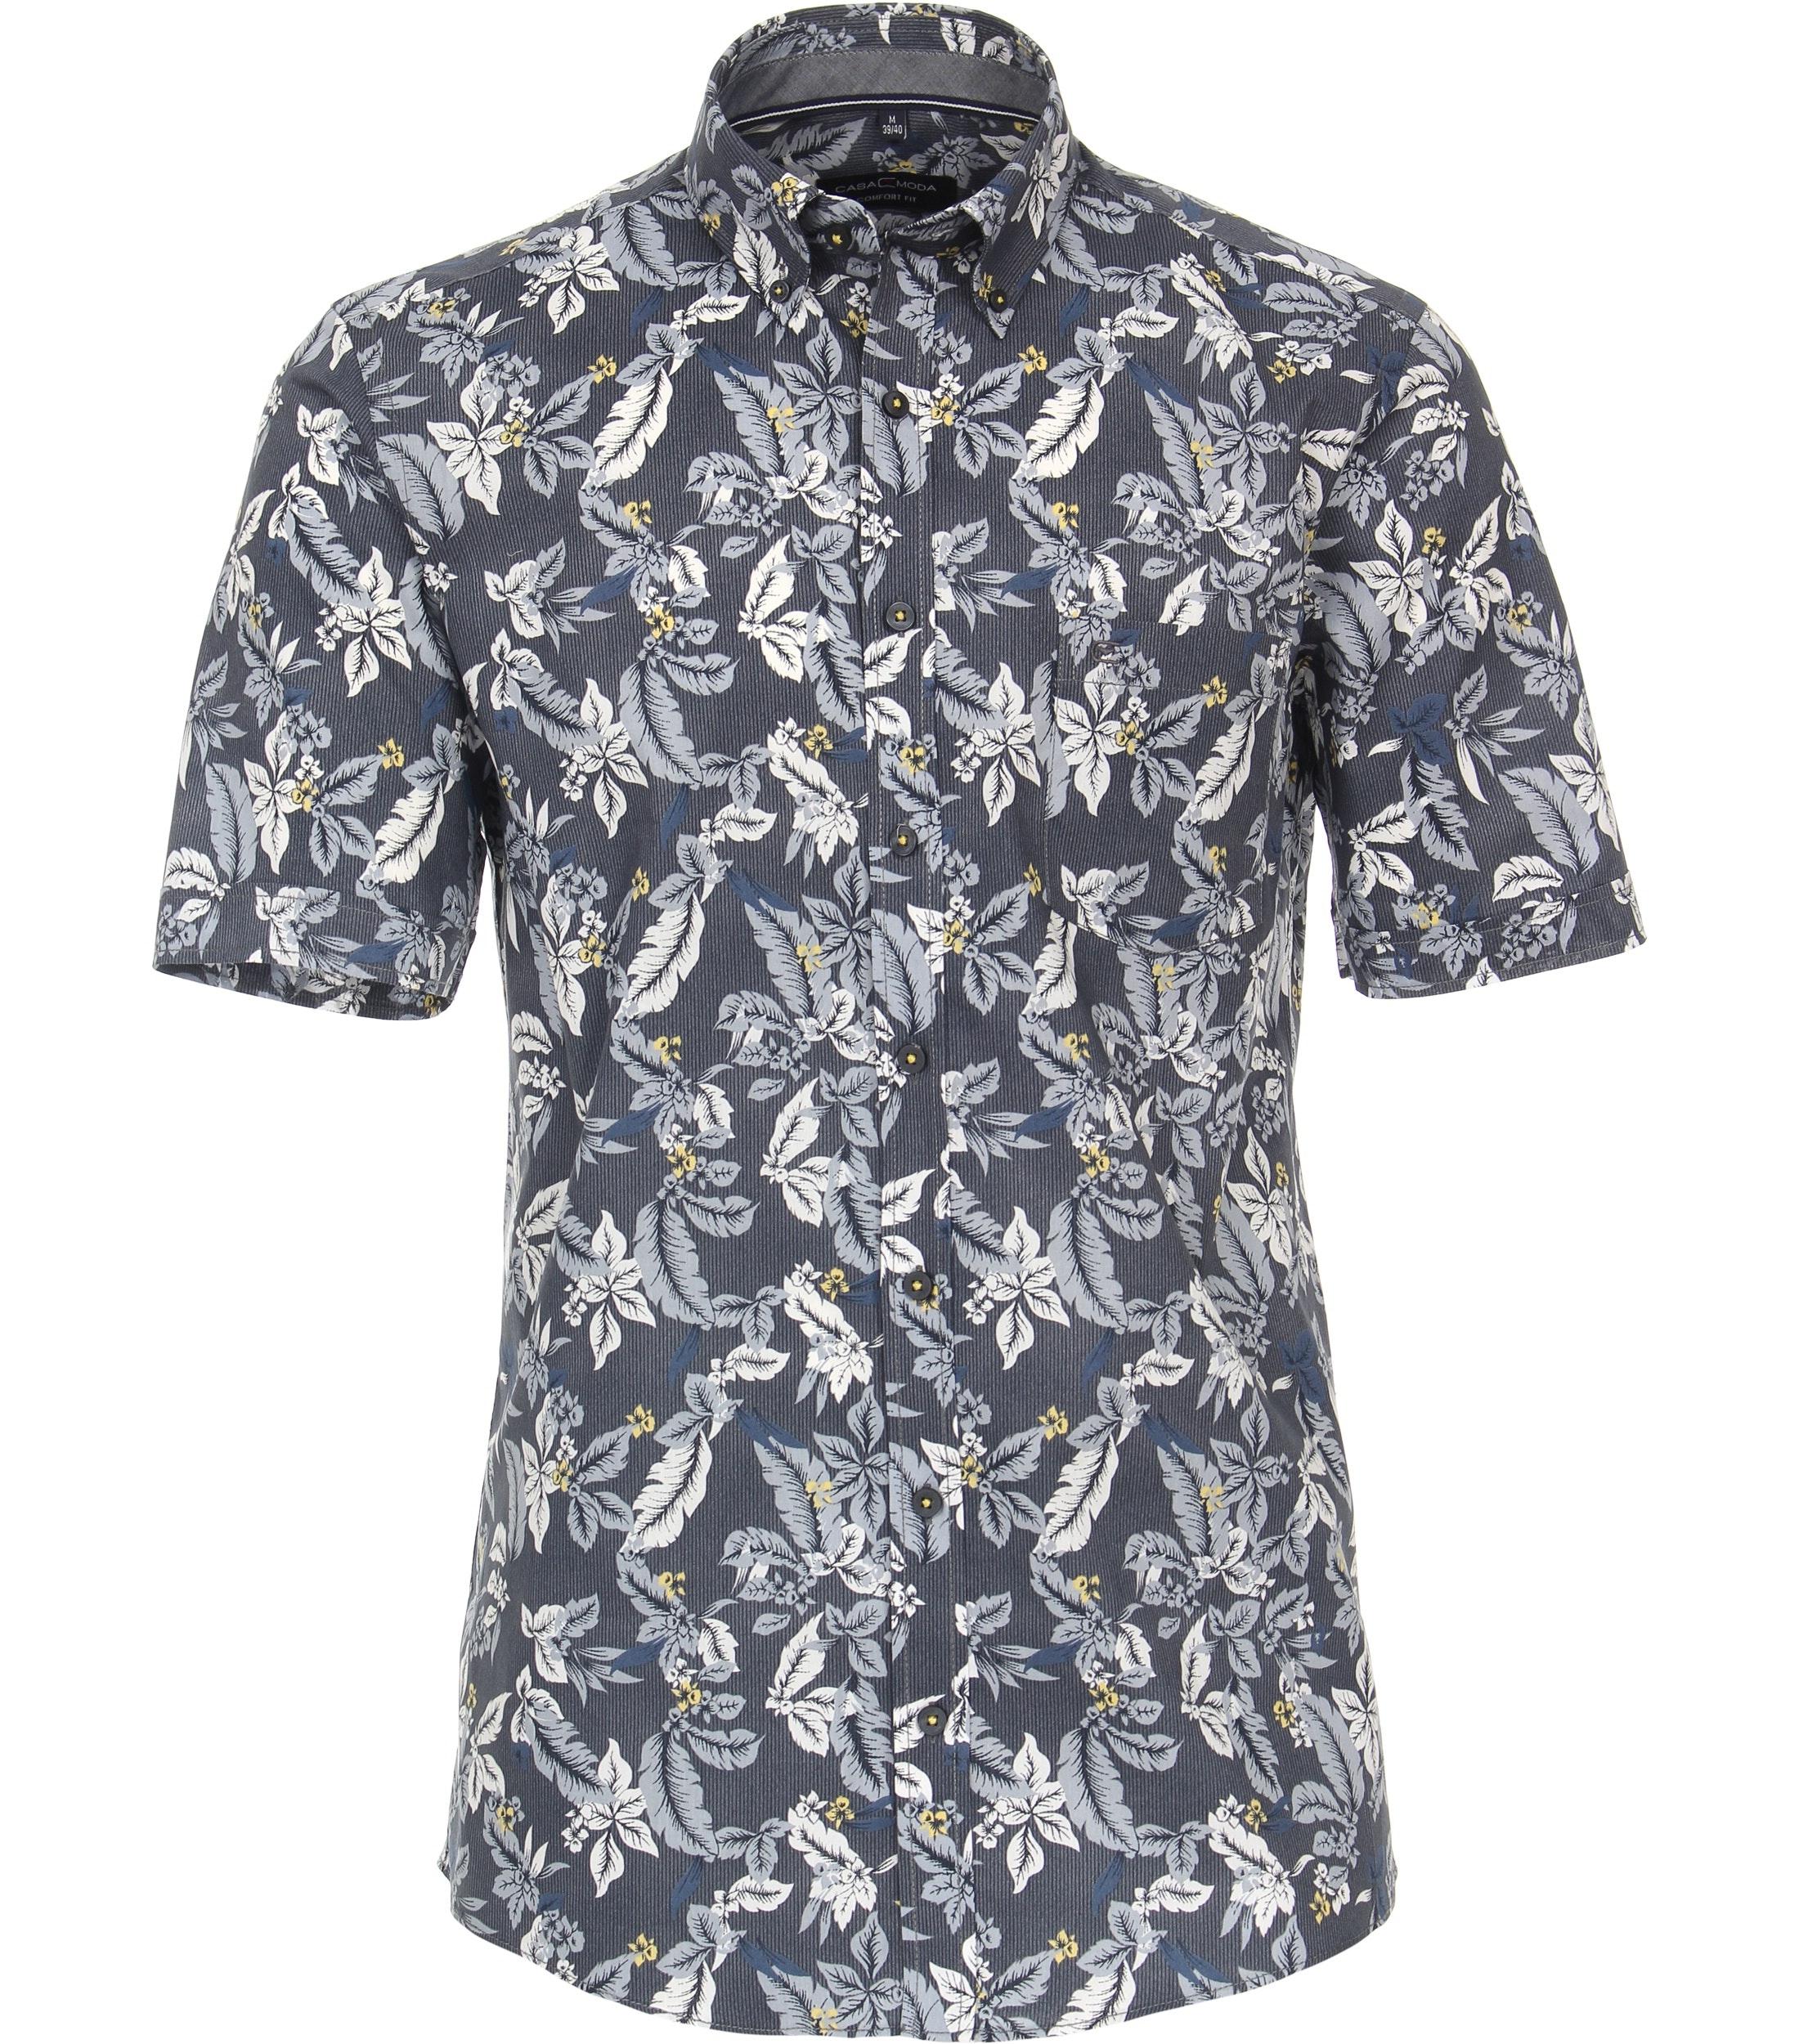 CasaModa kurzarm Hemd aus Baumwolle mit floralem Muster, blau